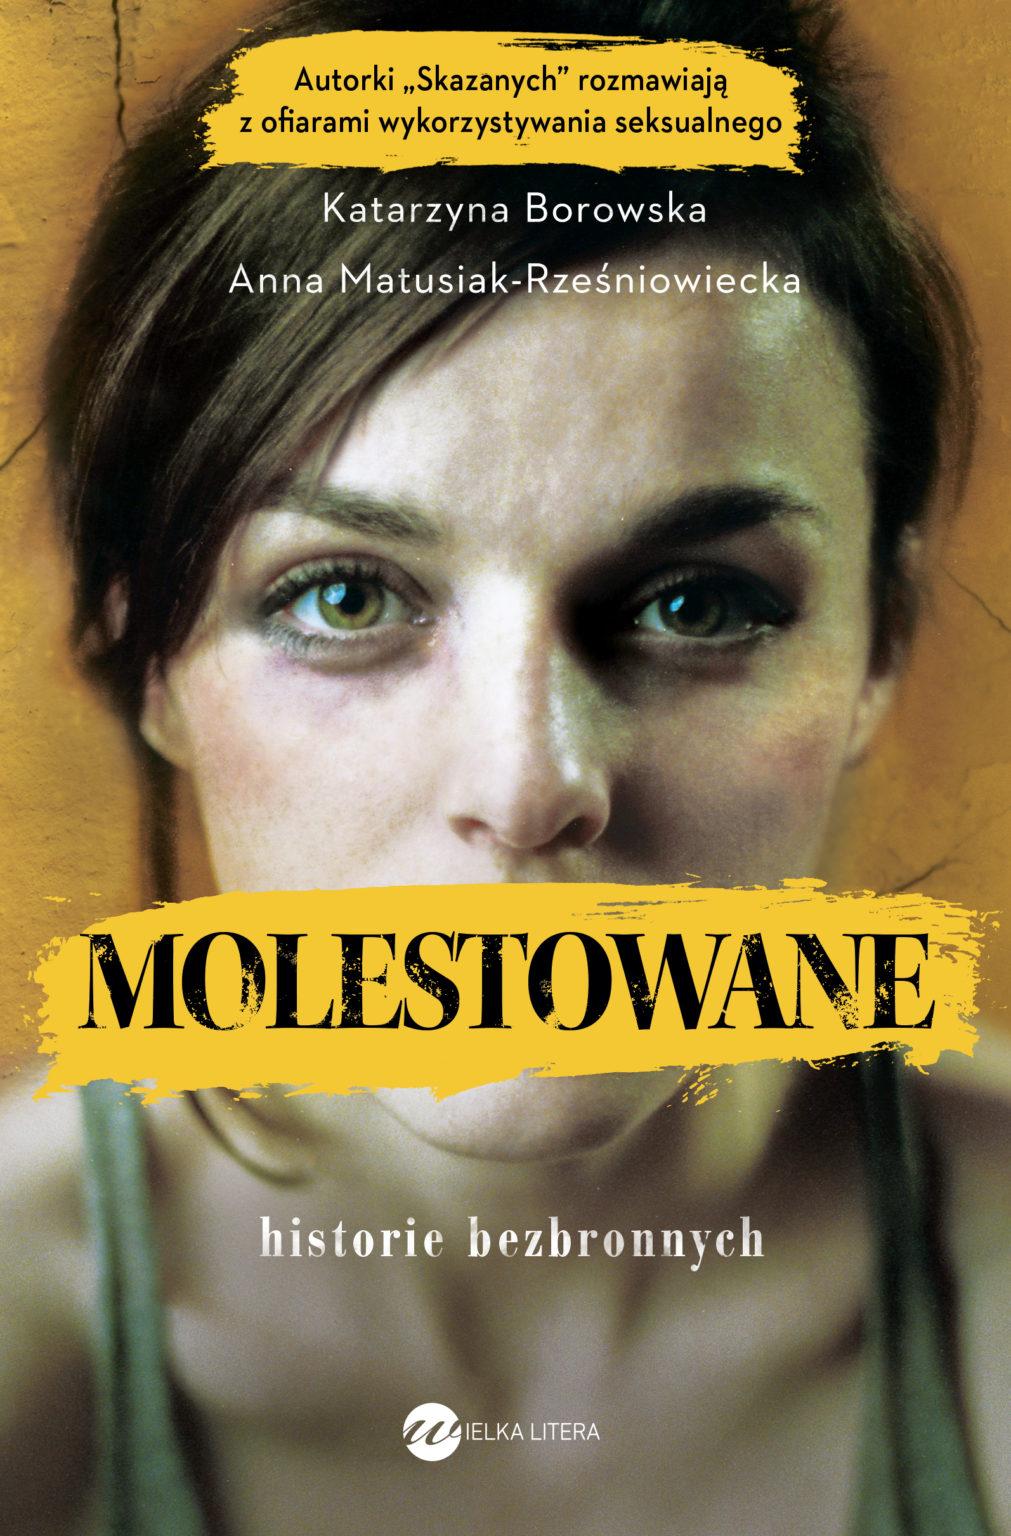 Molestowane historie bezbronnych wyspa-kobiet.pl